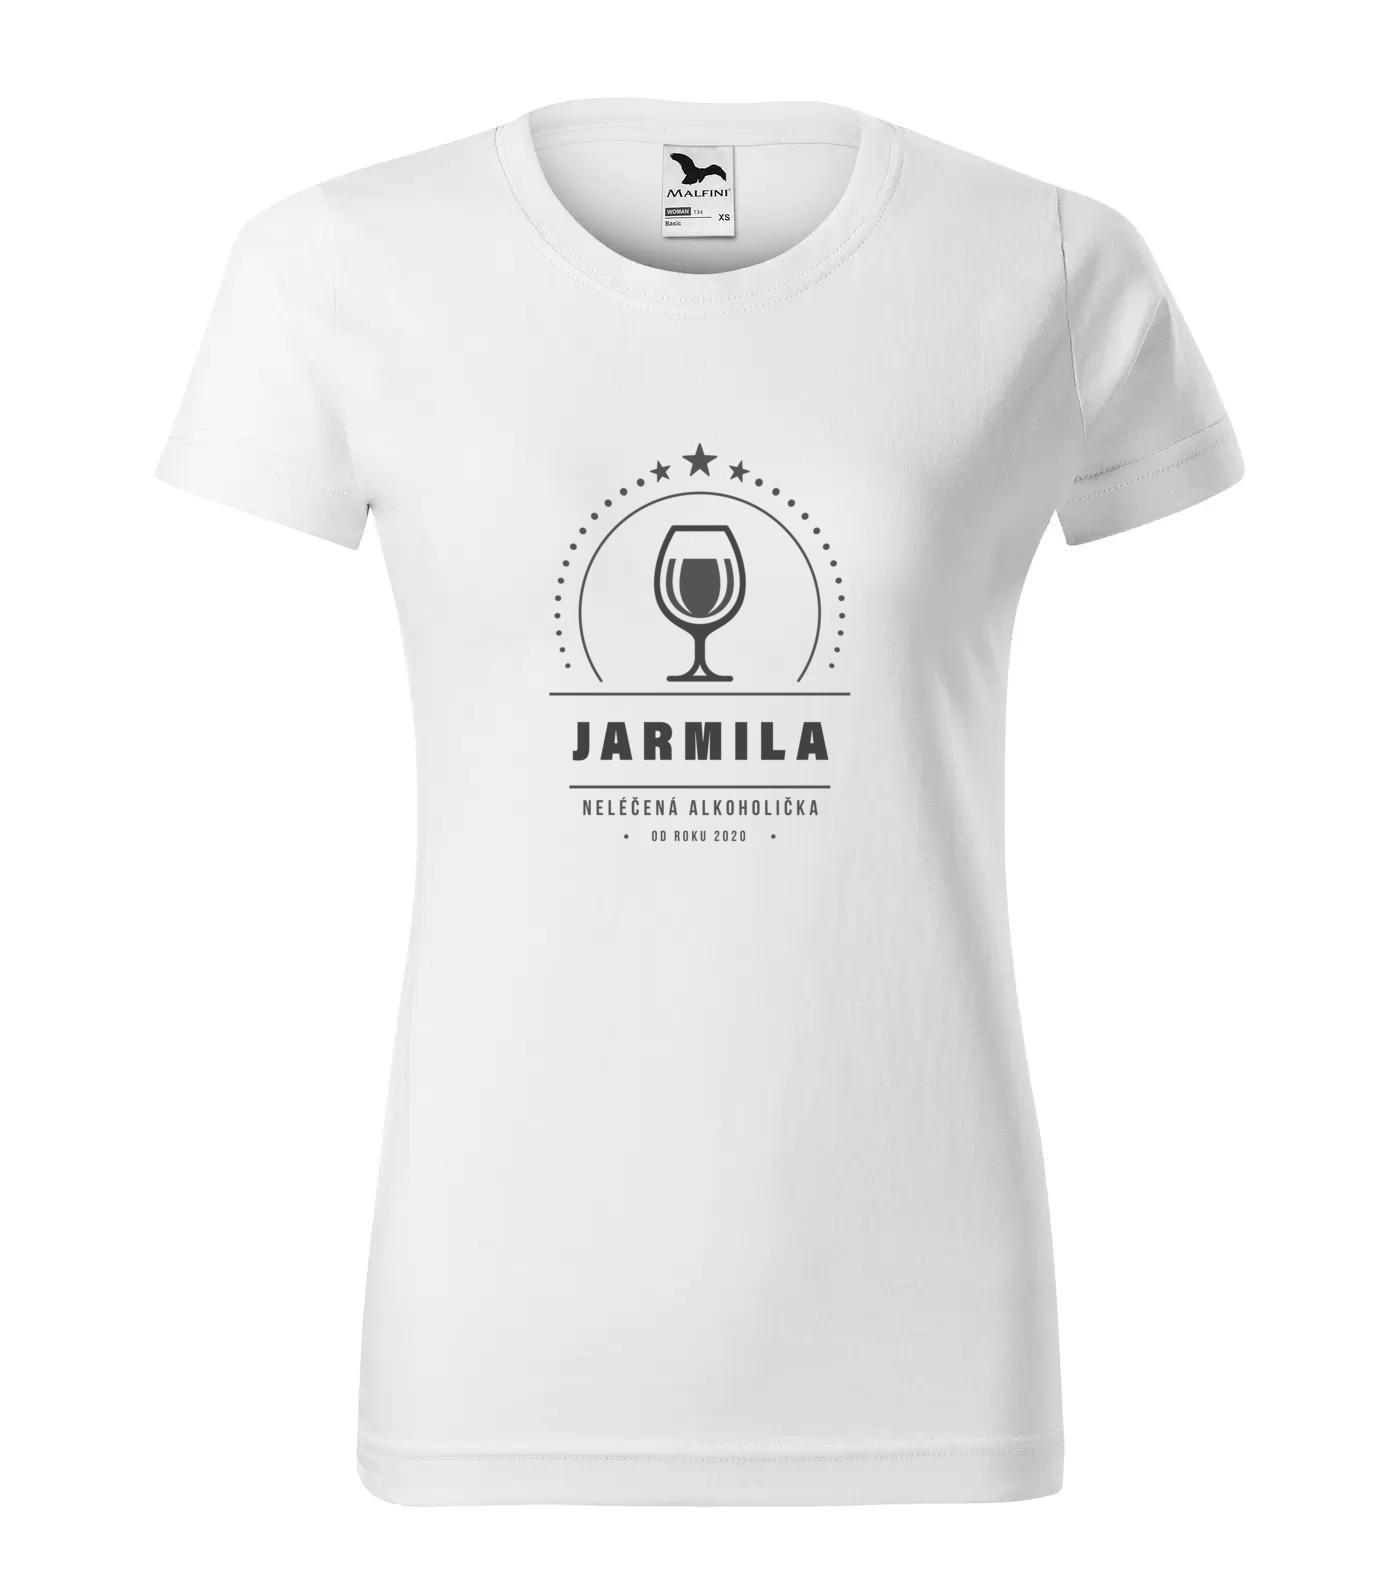 Tričko Alkoholička Jarmila